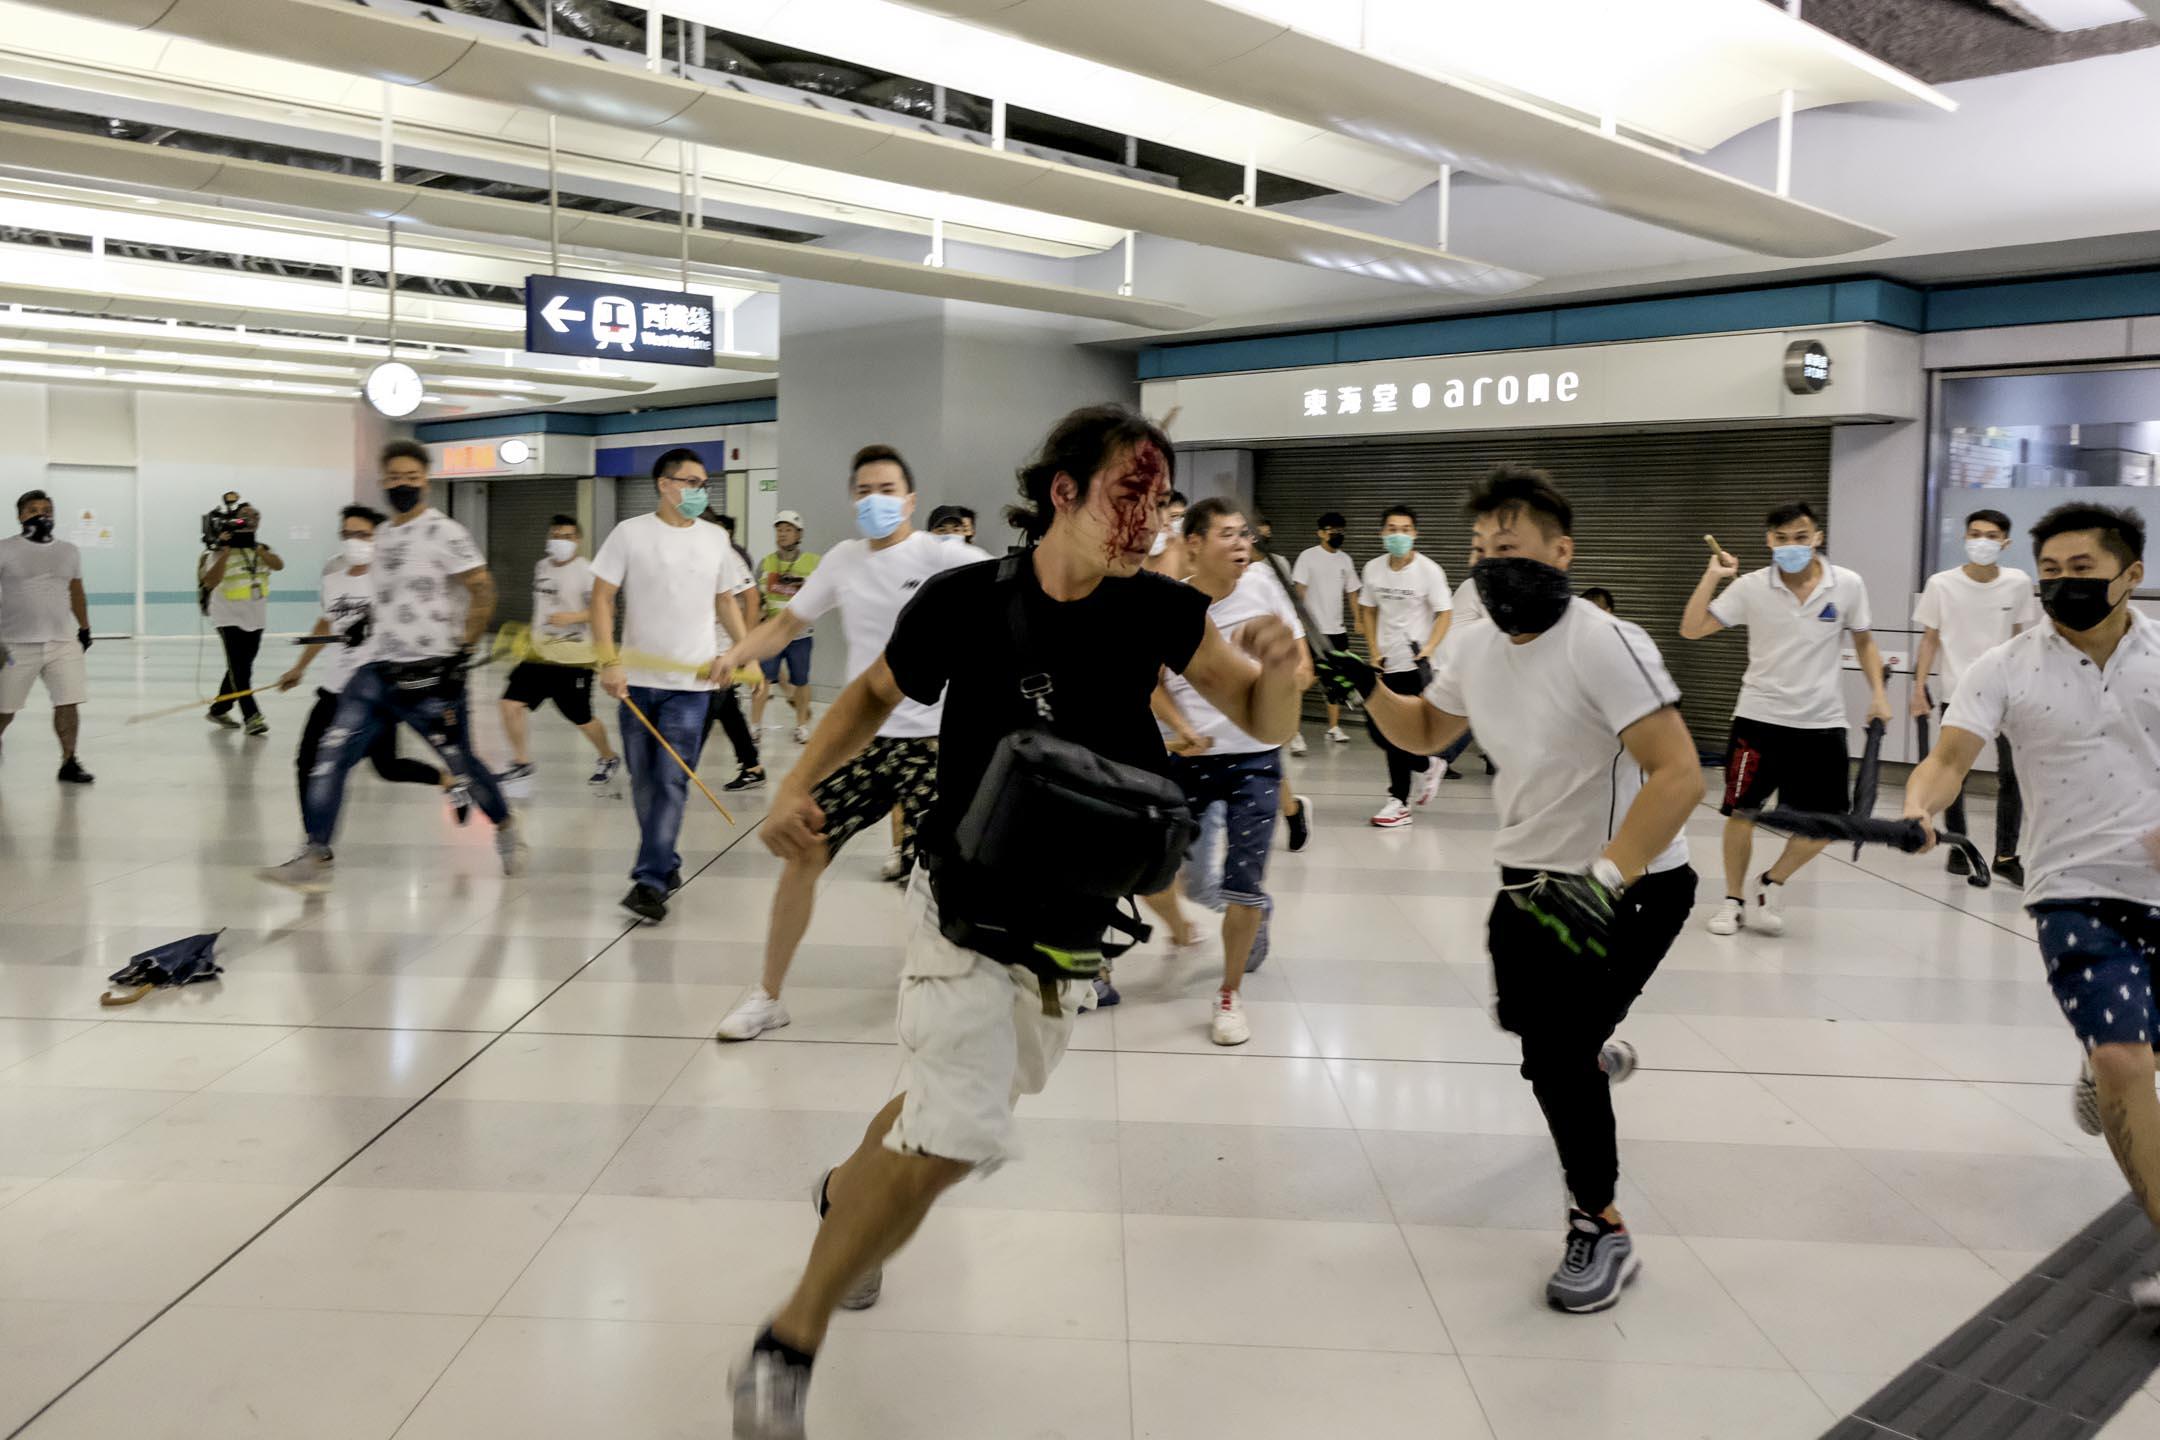 2019年7月22日,凌晨12時29分,大批白衣人撬開鐵閘衝進元朗港鐵站,以棍棒等物件追打市民。 圖:端傳媒